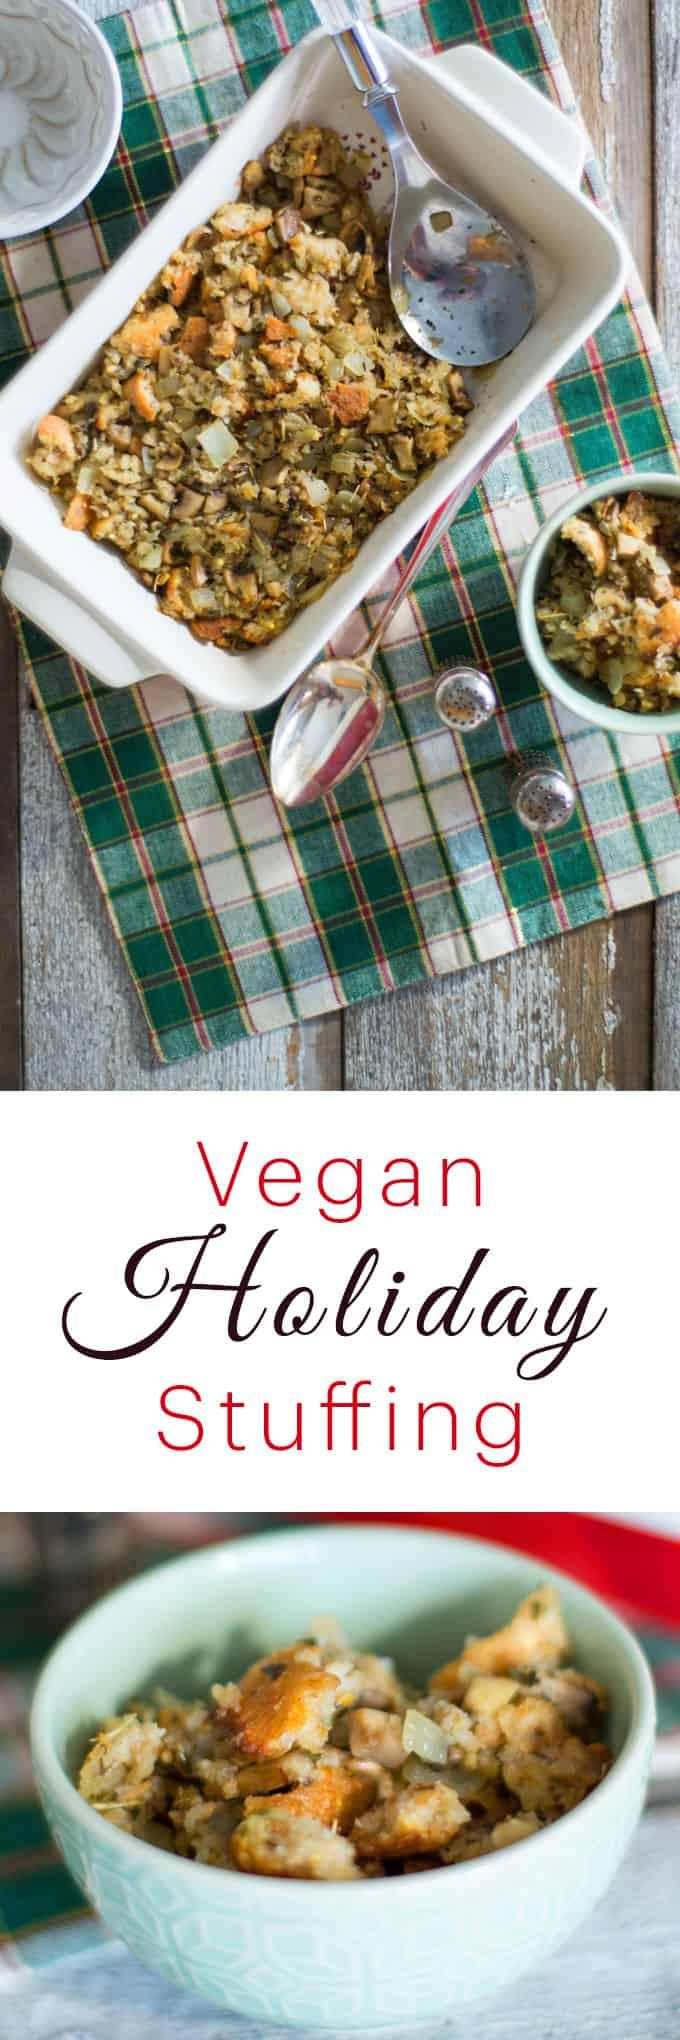 best vegan stuffing recipe